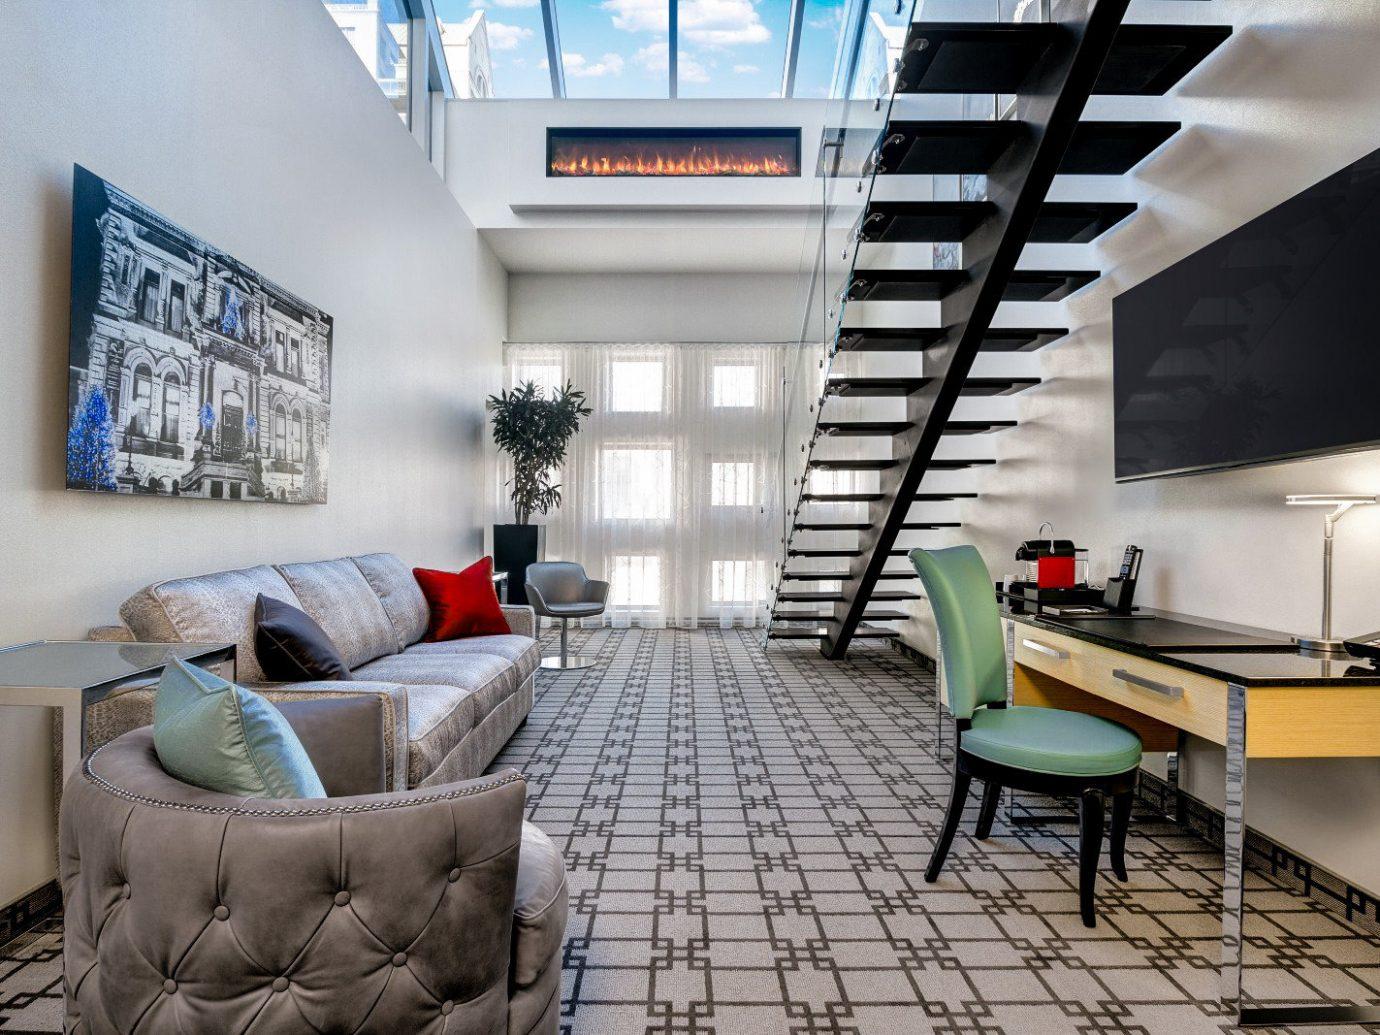 Canada Hotels Montreal Trip Ideas room living room interior design loft real estate apartment interior designer